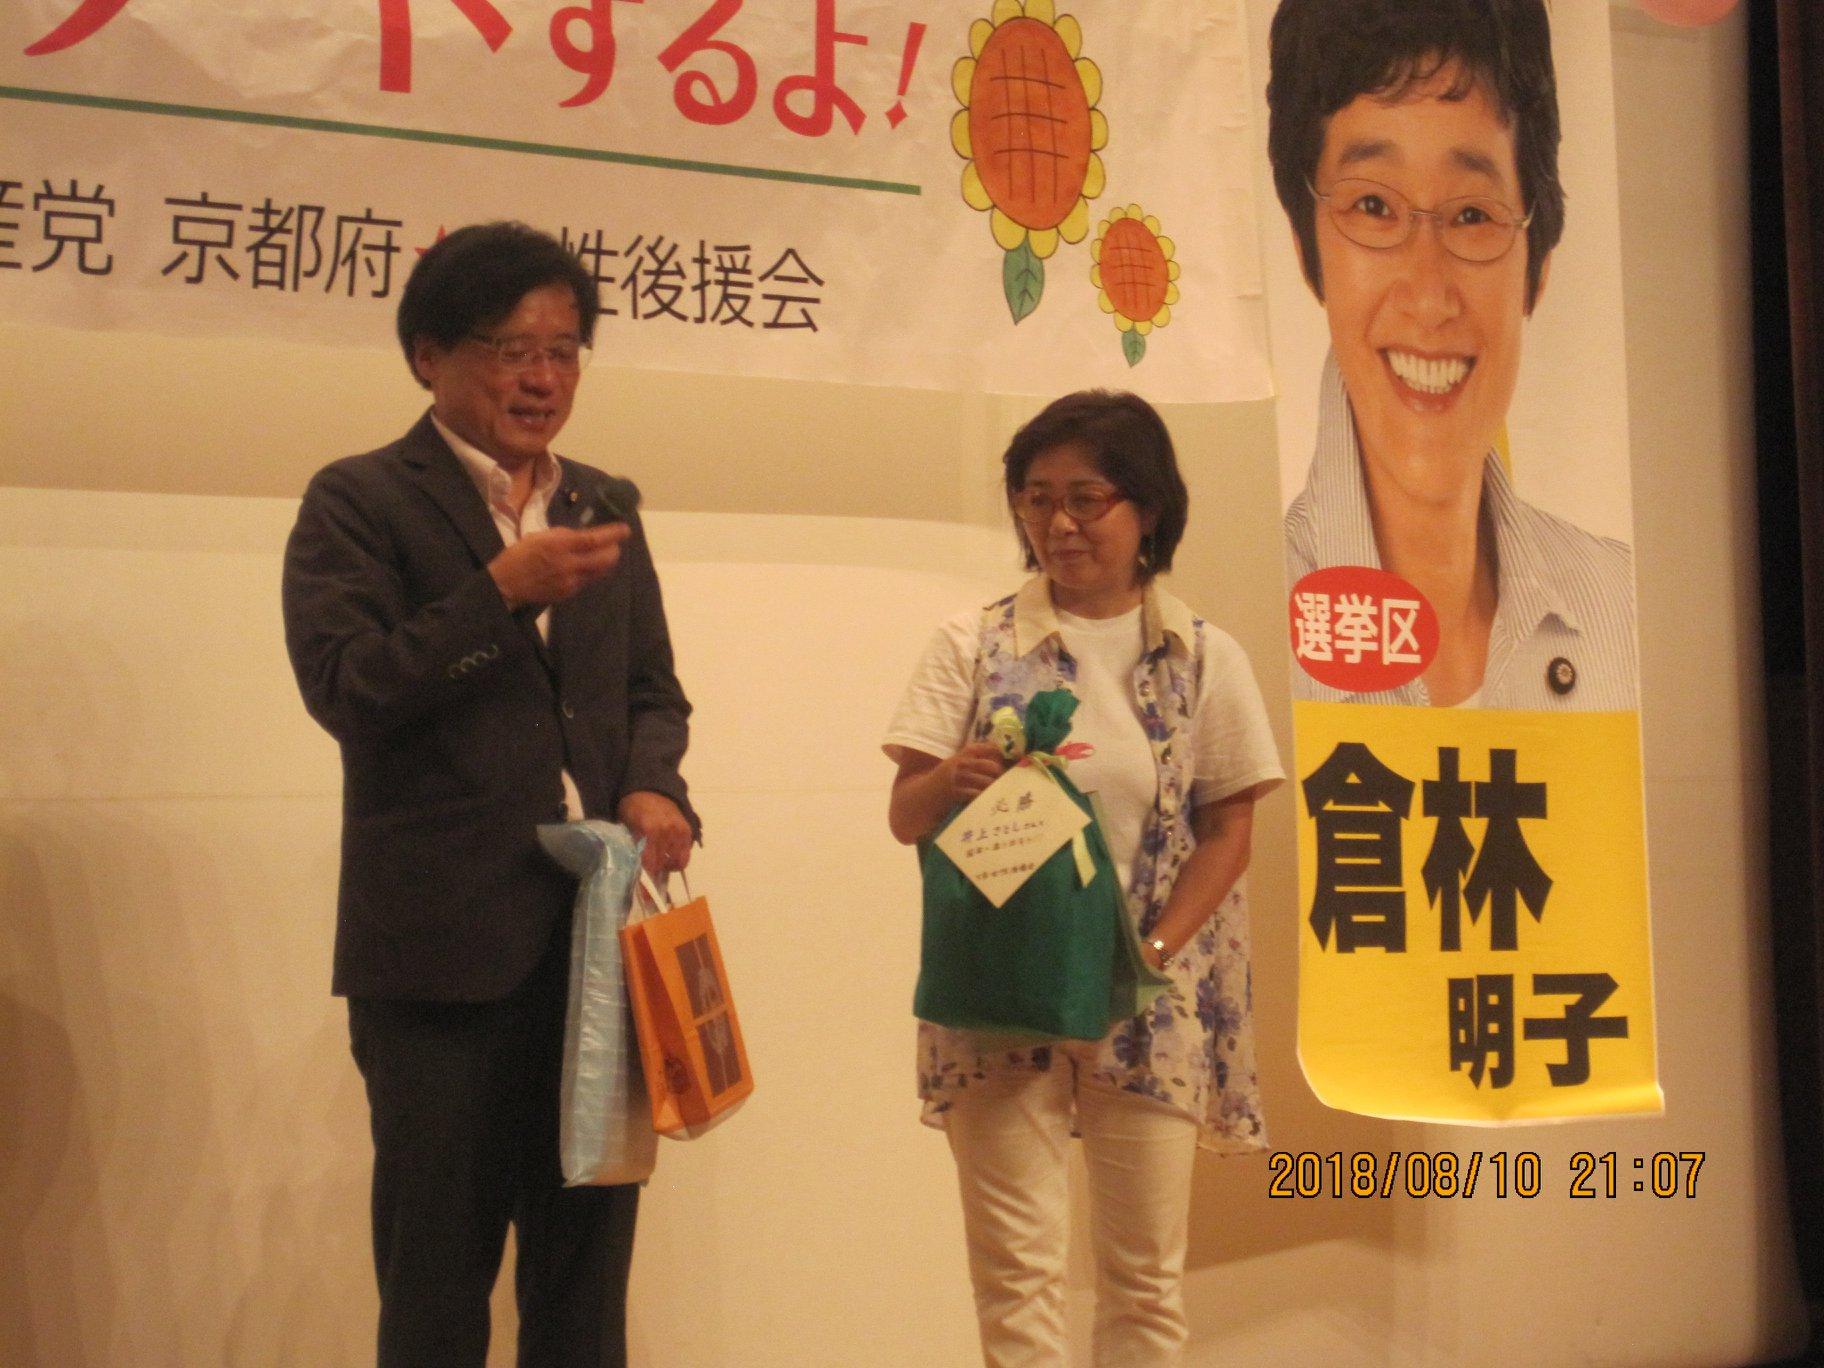 http://www.inoue-satoshi.com/diary/%E8%B4%88%E3%82%8A%E7%89%A9.jpg